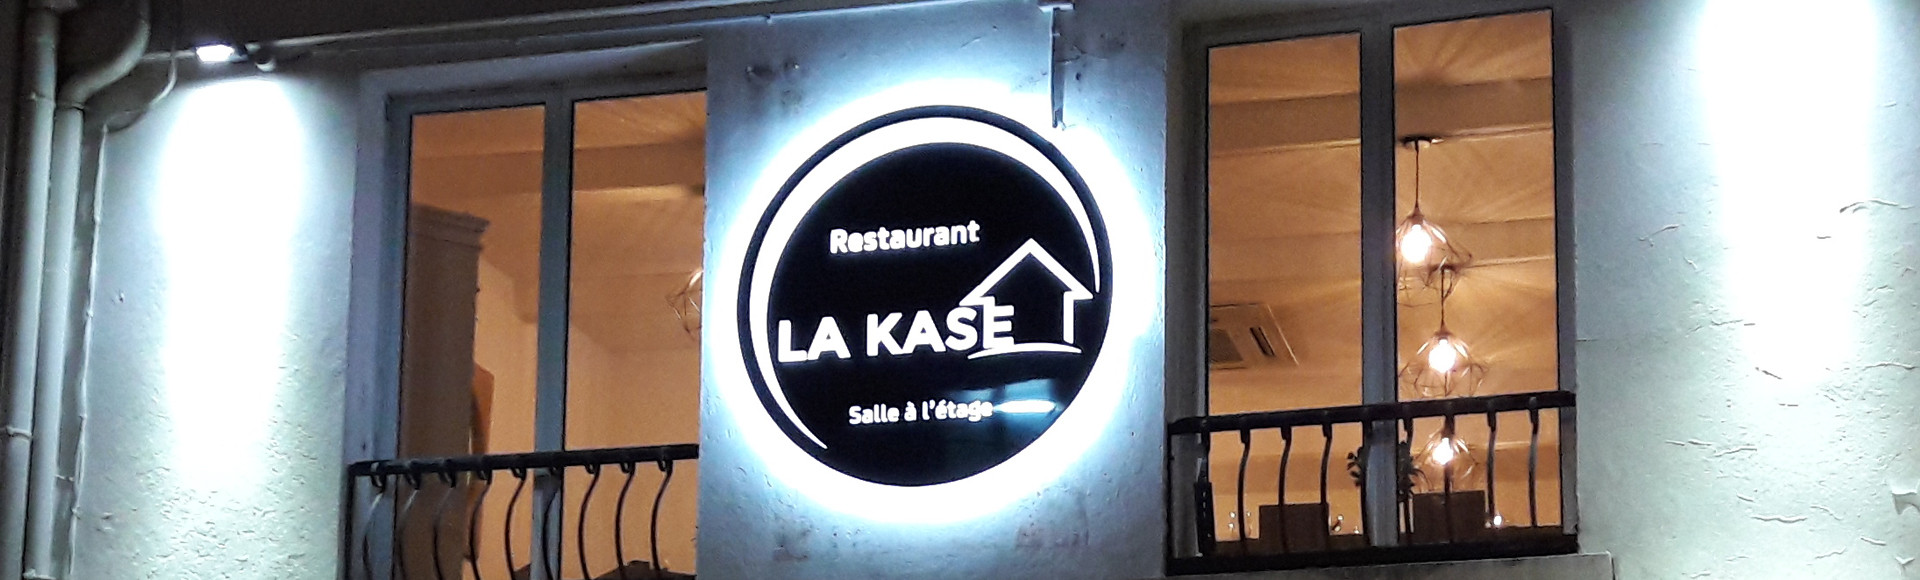 Enseigne Lettrage pochoir lumineuse rétroéclairage LED Didond La Kase restaurant